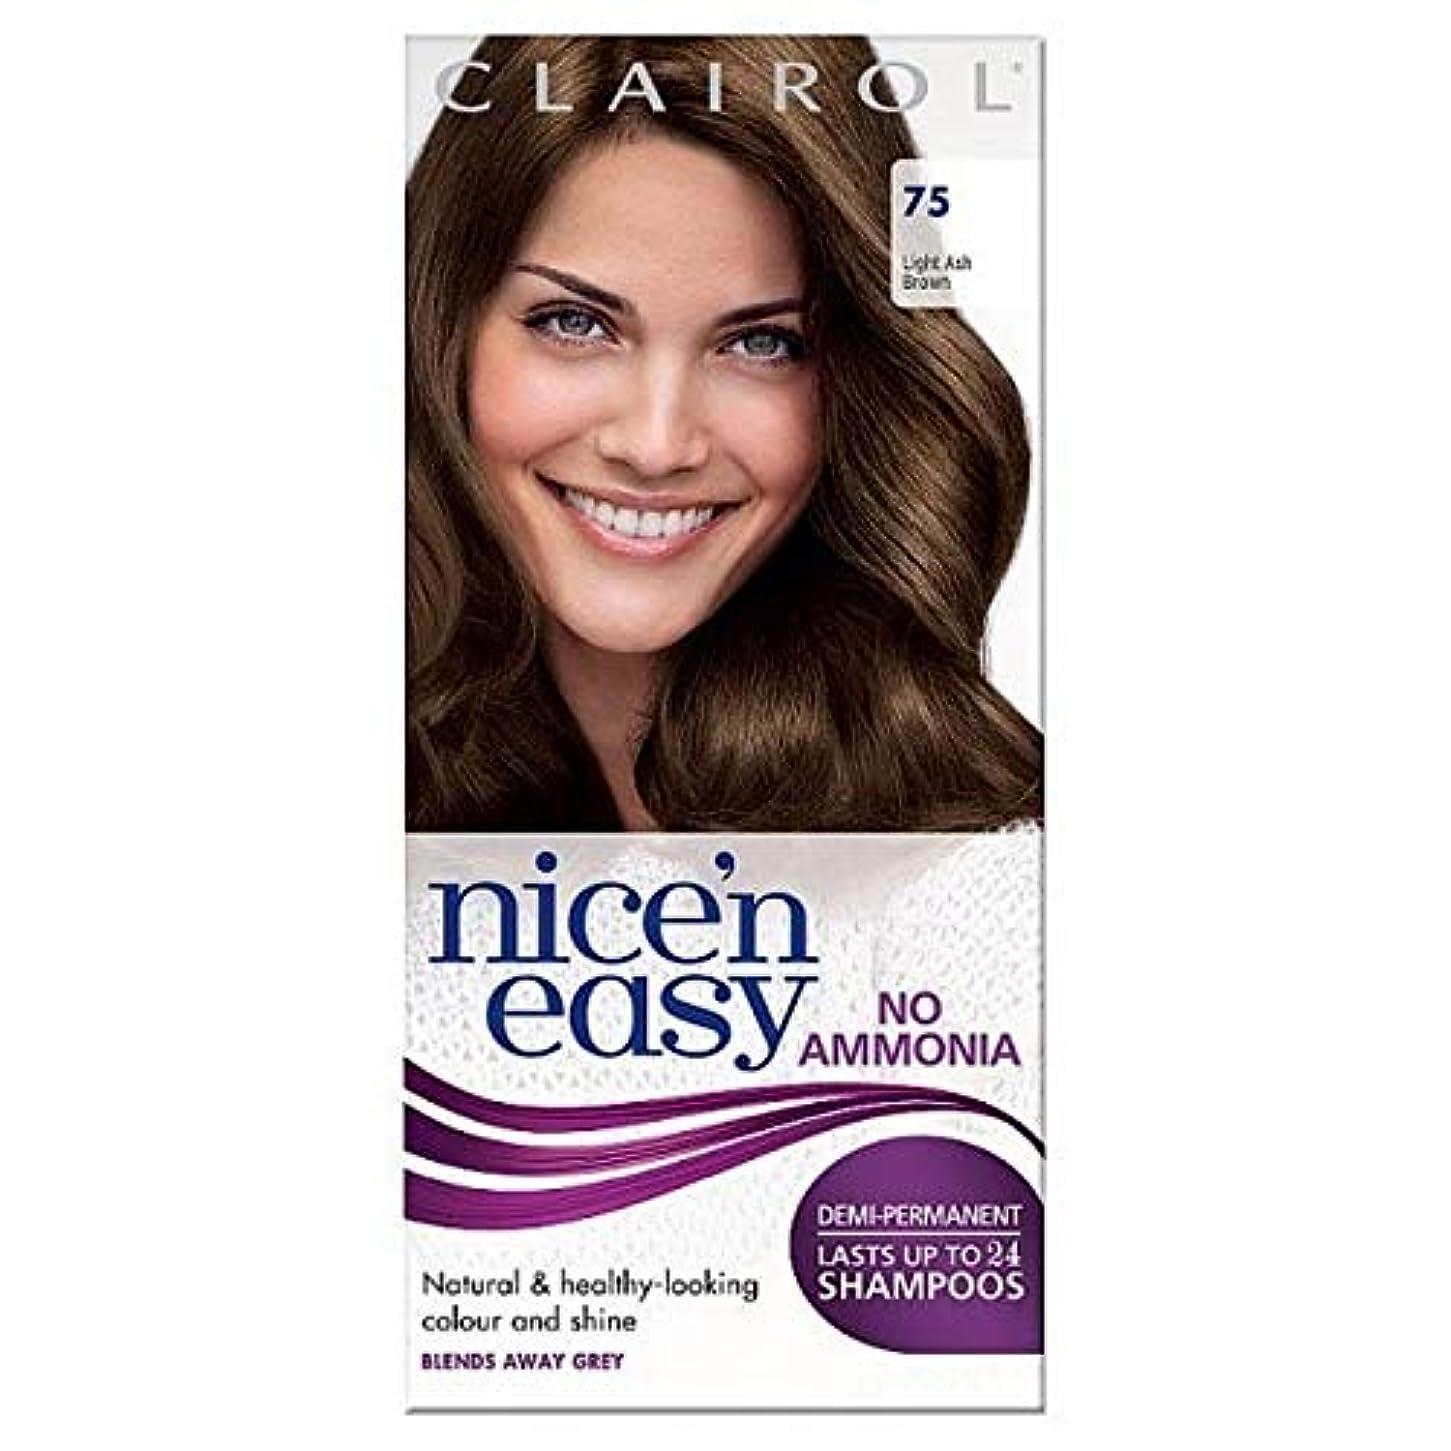 アクチュエータ空気アカウント[Nice'n Easy] Nice'N簡単に何のアンモニアの染毛剤光アッシュブラウンません75 - Nice'n Easy No Ammonia Hair Dye Light Ash Brown 75 [並行輸入品]